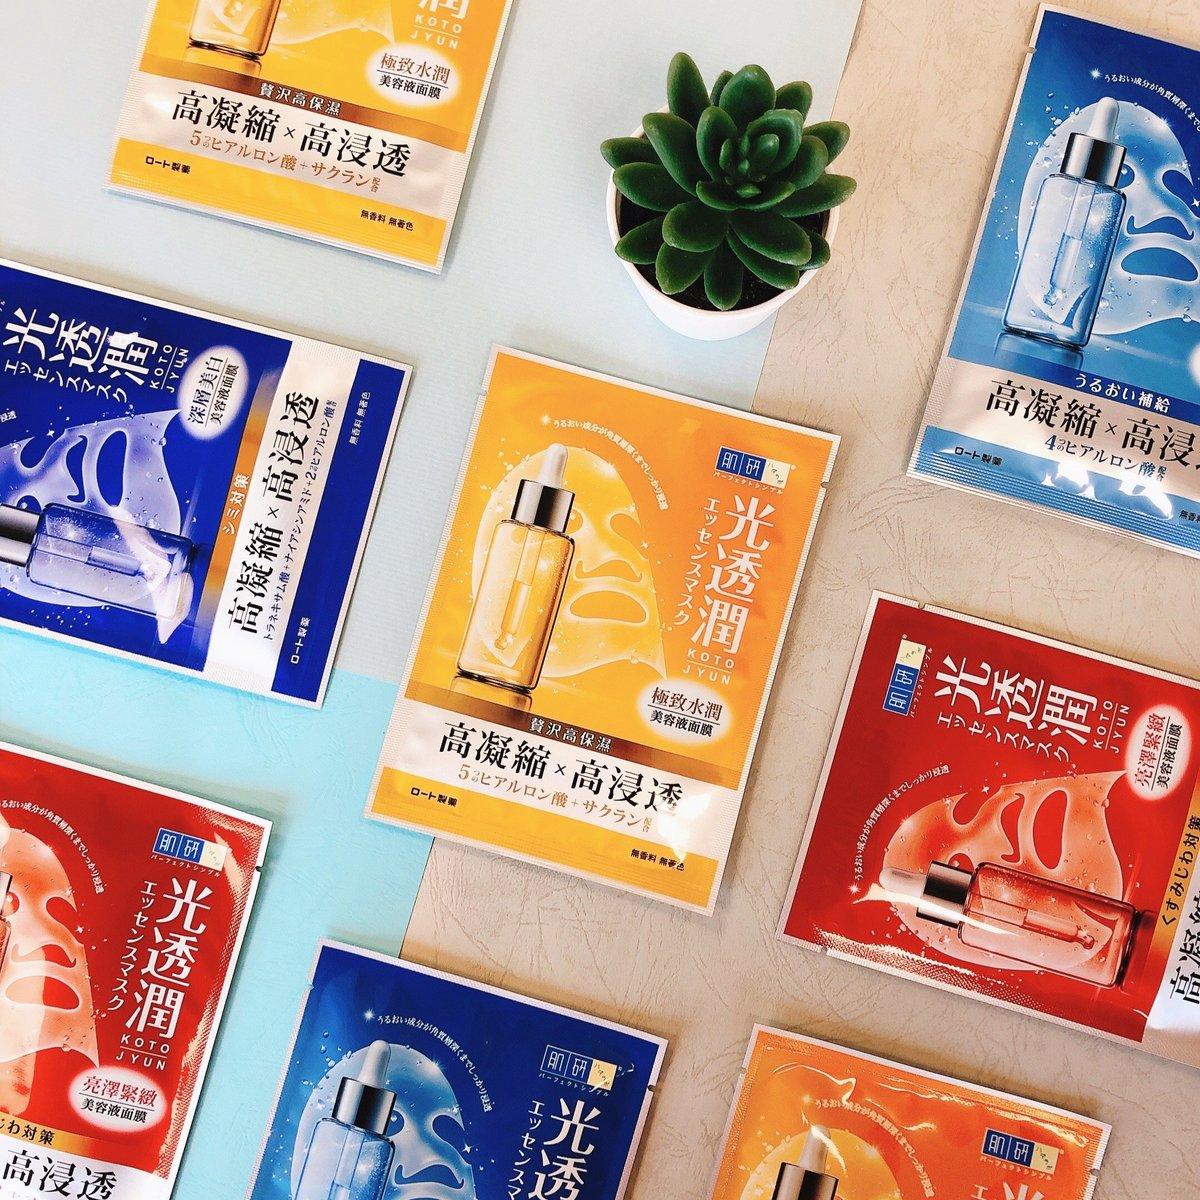 3 loại mặt nạ giấy hội gái Đài yêu thích nhất, giúp thu nhỏ lỗ chân lông khiến da căng mướt đón Tết - Ảnh 5.